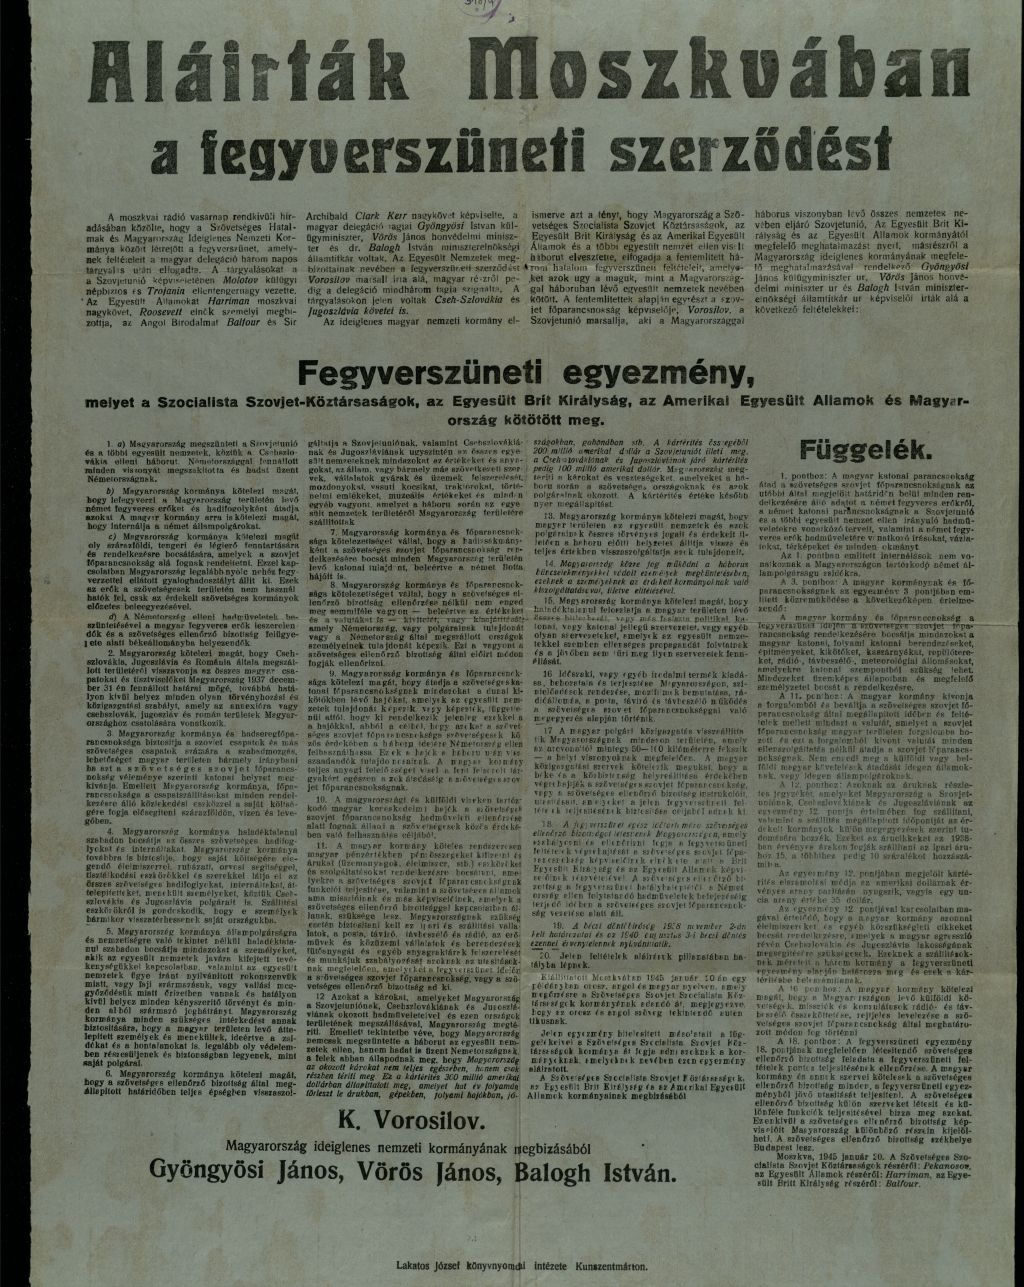 Aláírták Moszkvában a fegyverszüneti szerződést